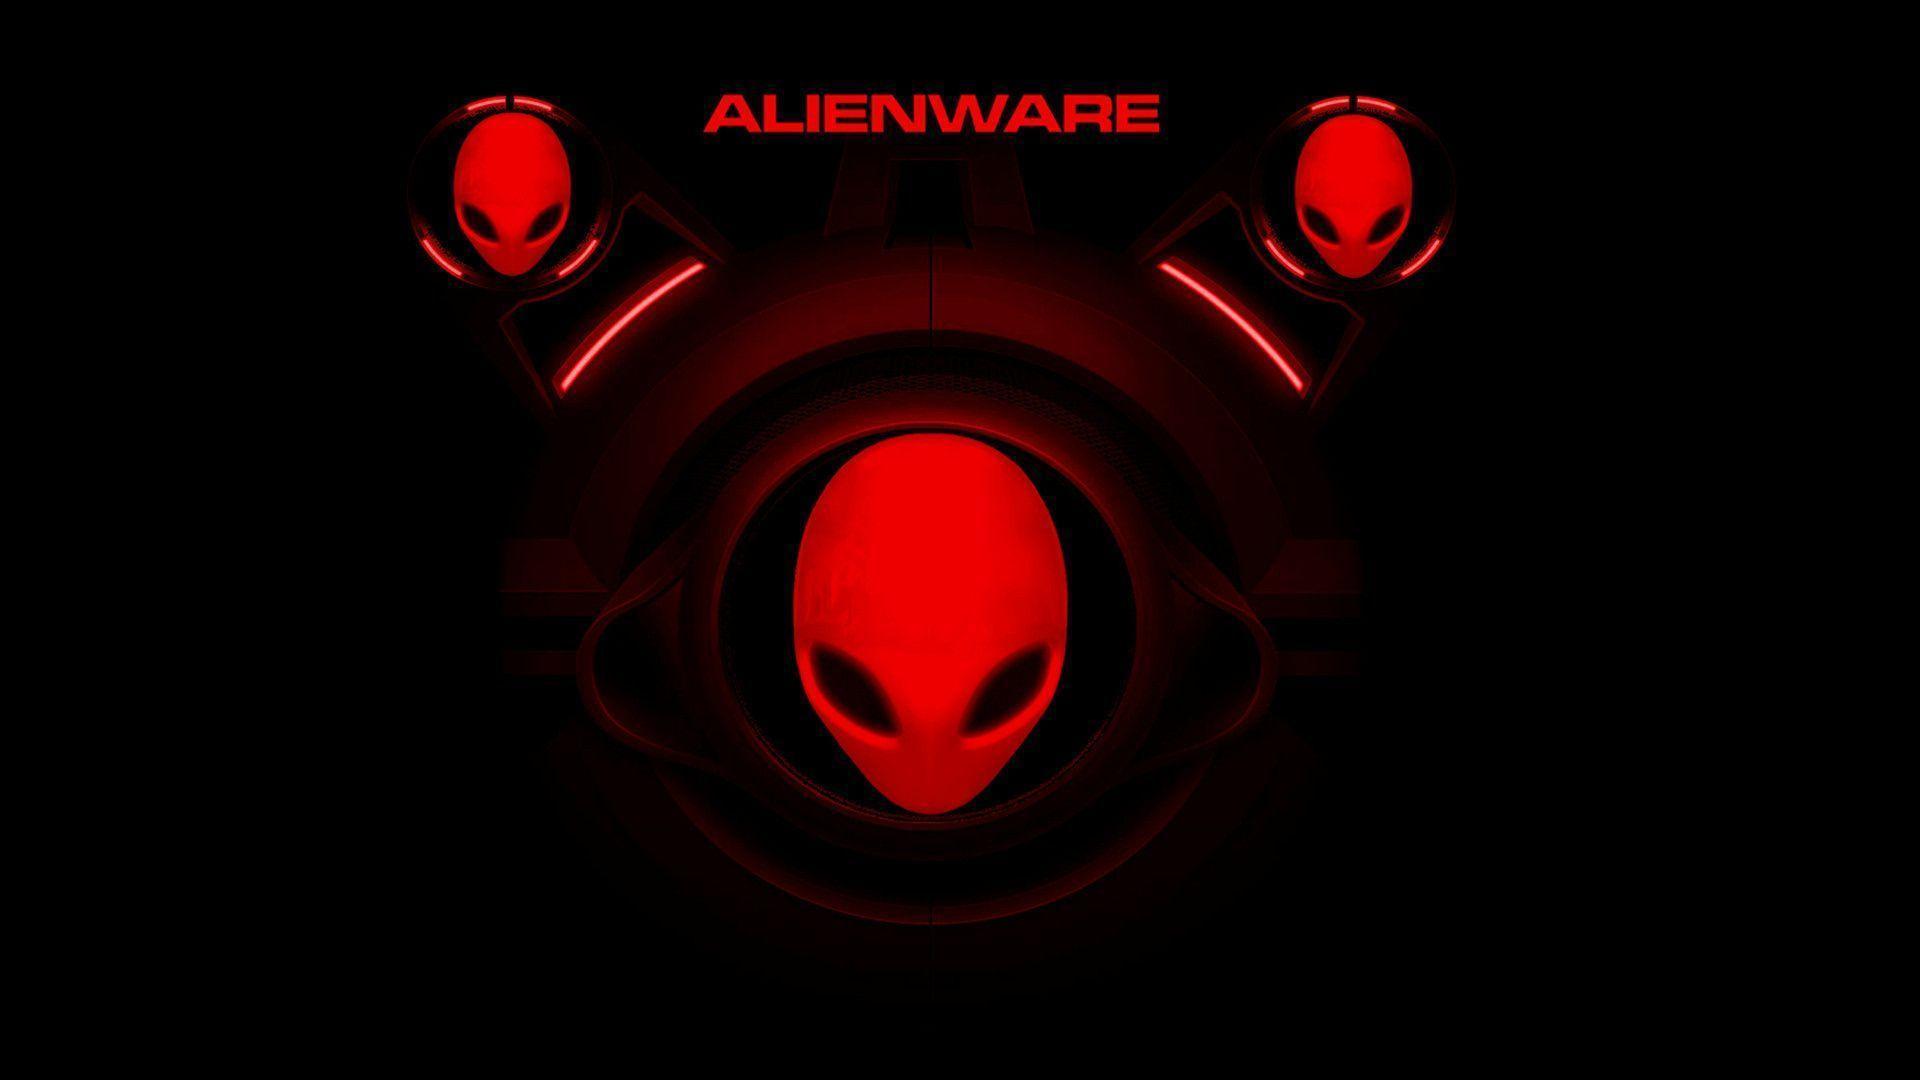 alienware desktop background red - photo #23